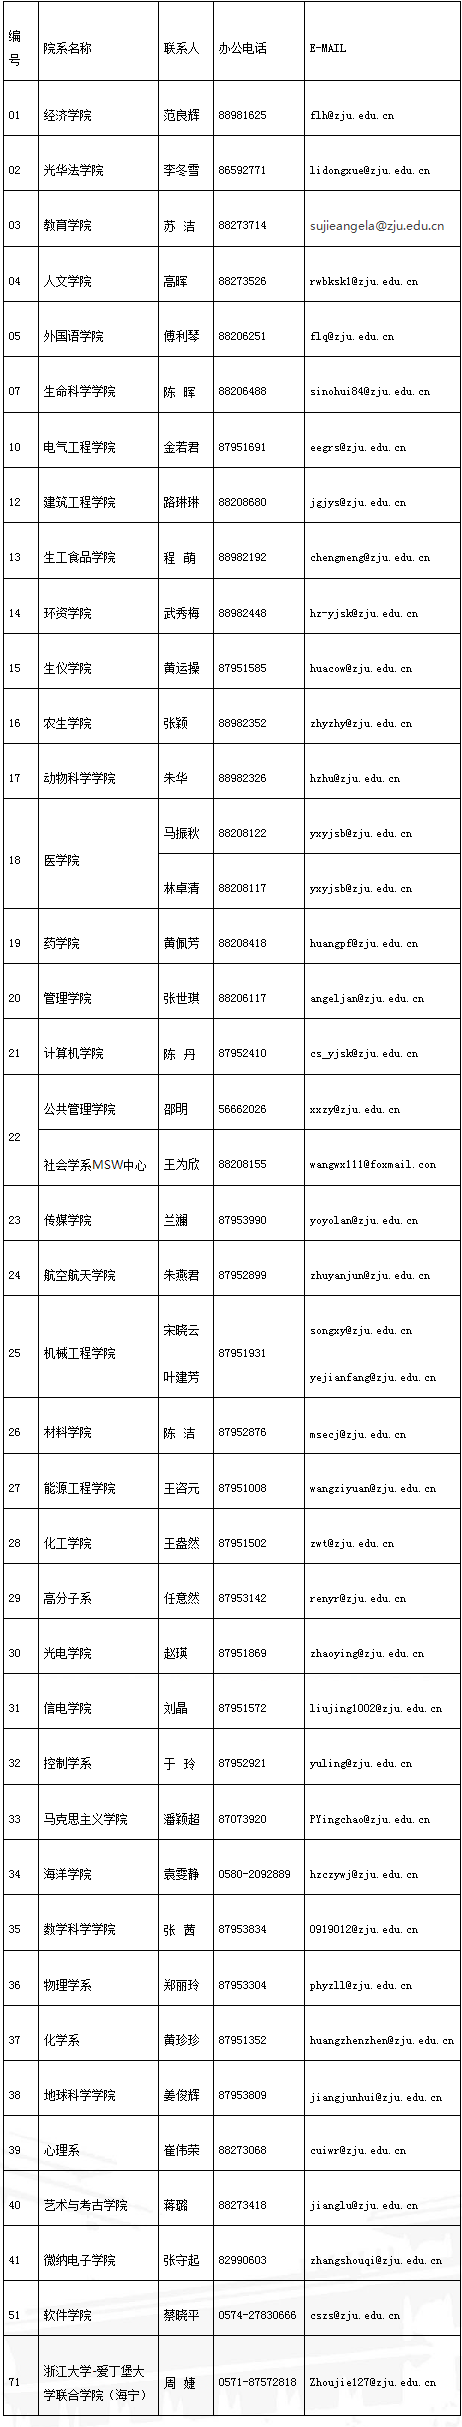 浙江大学2022年博士研究生招生简章